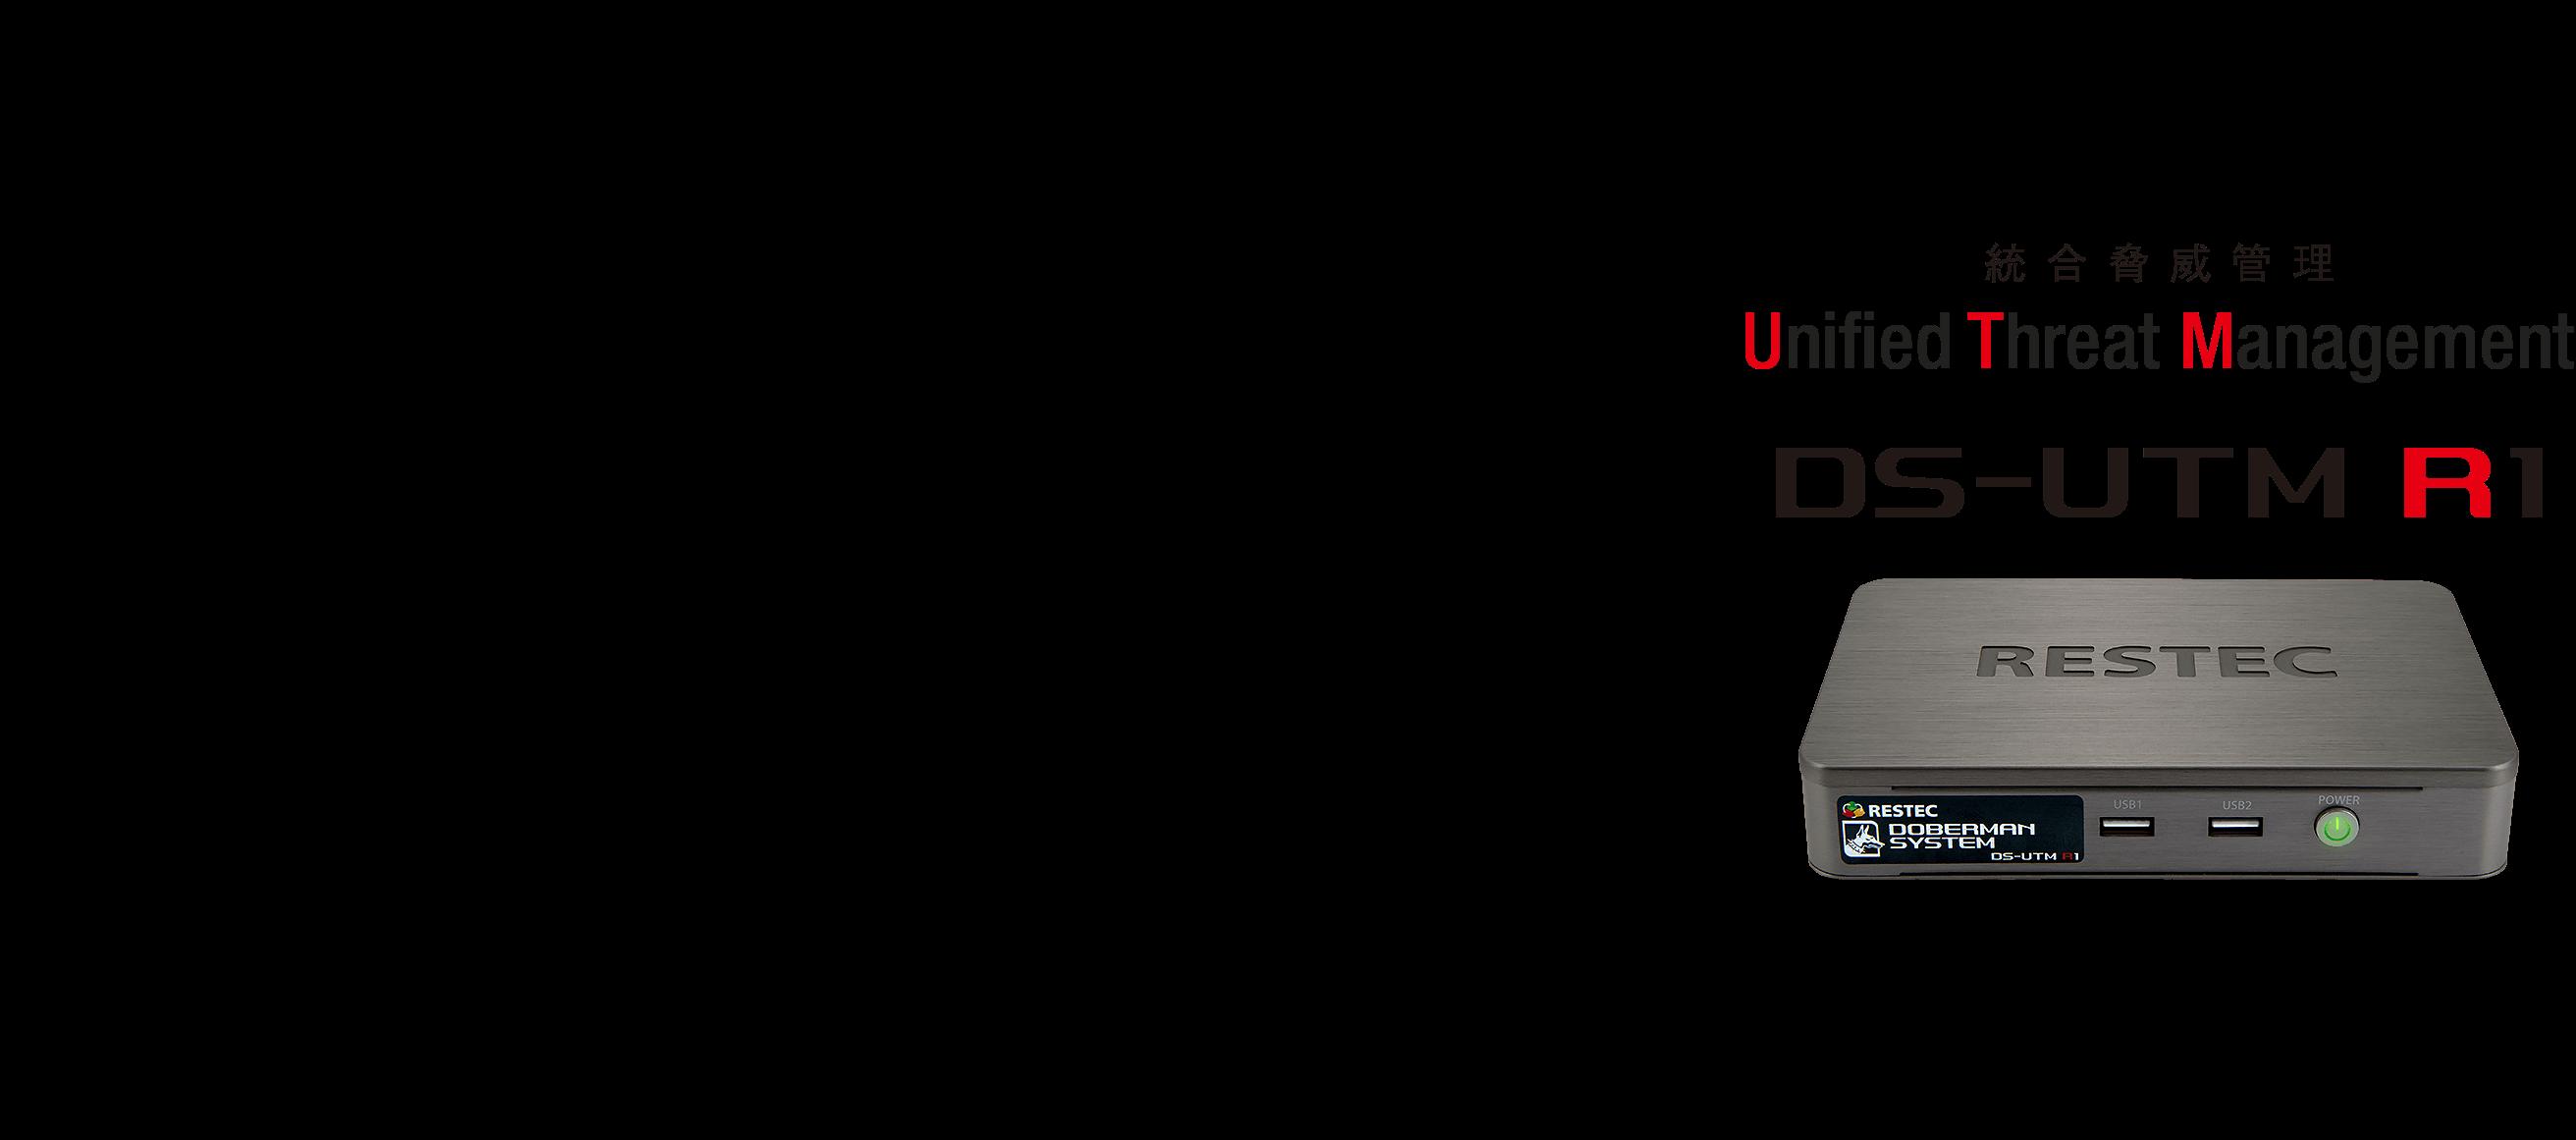 総合脅威管理 [Unified Threat Management] DS-UTM R1